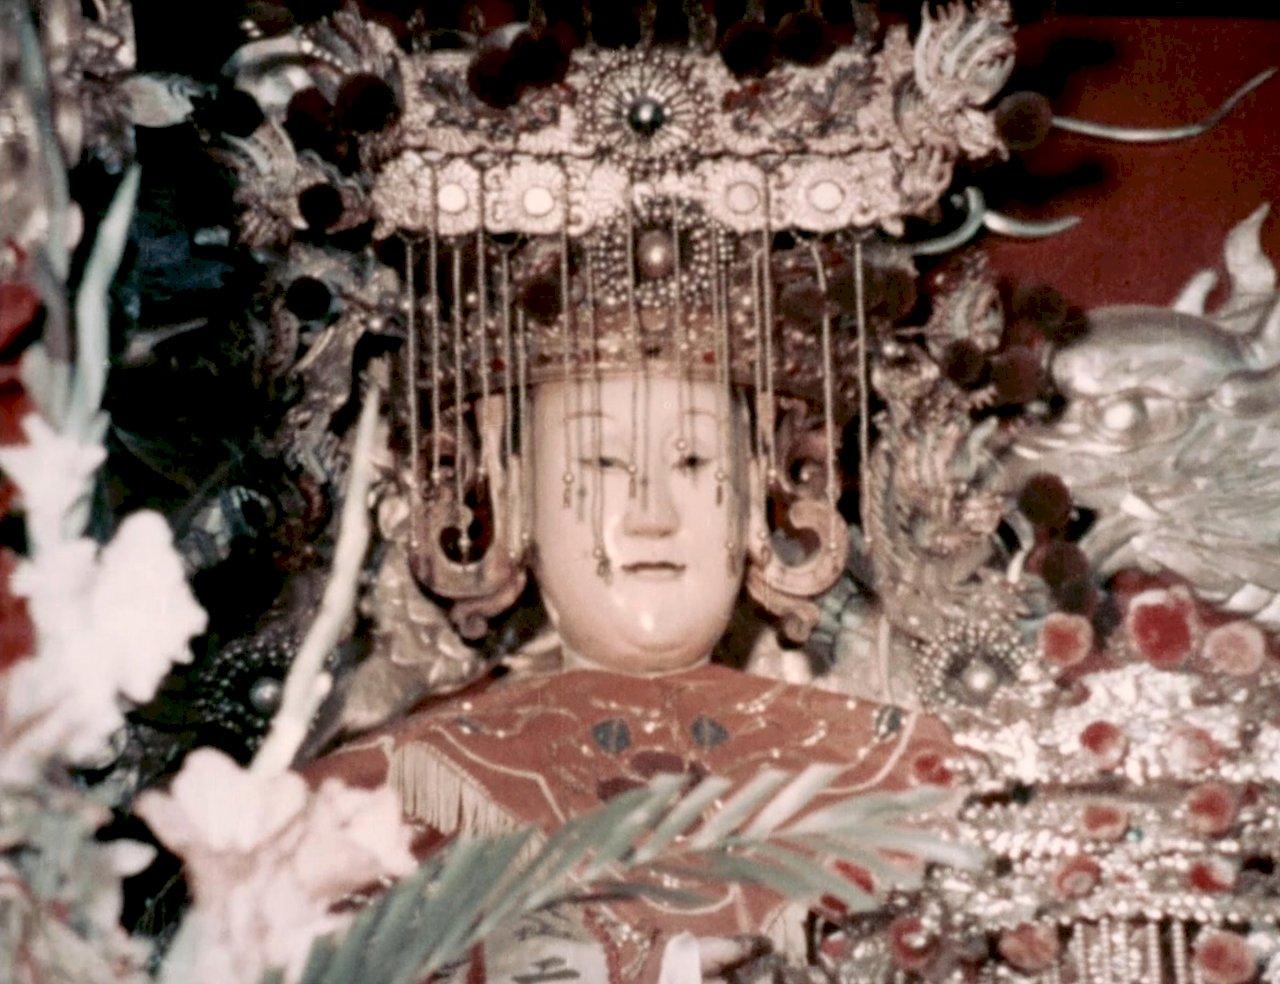 電視紀錄片「芬芳寶島」系列重現